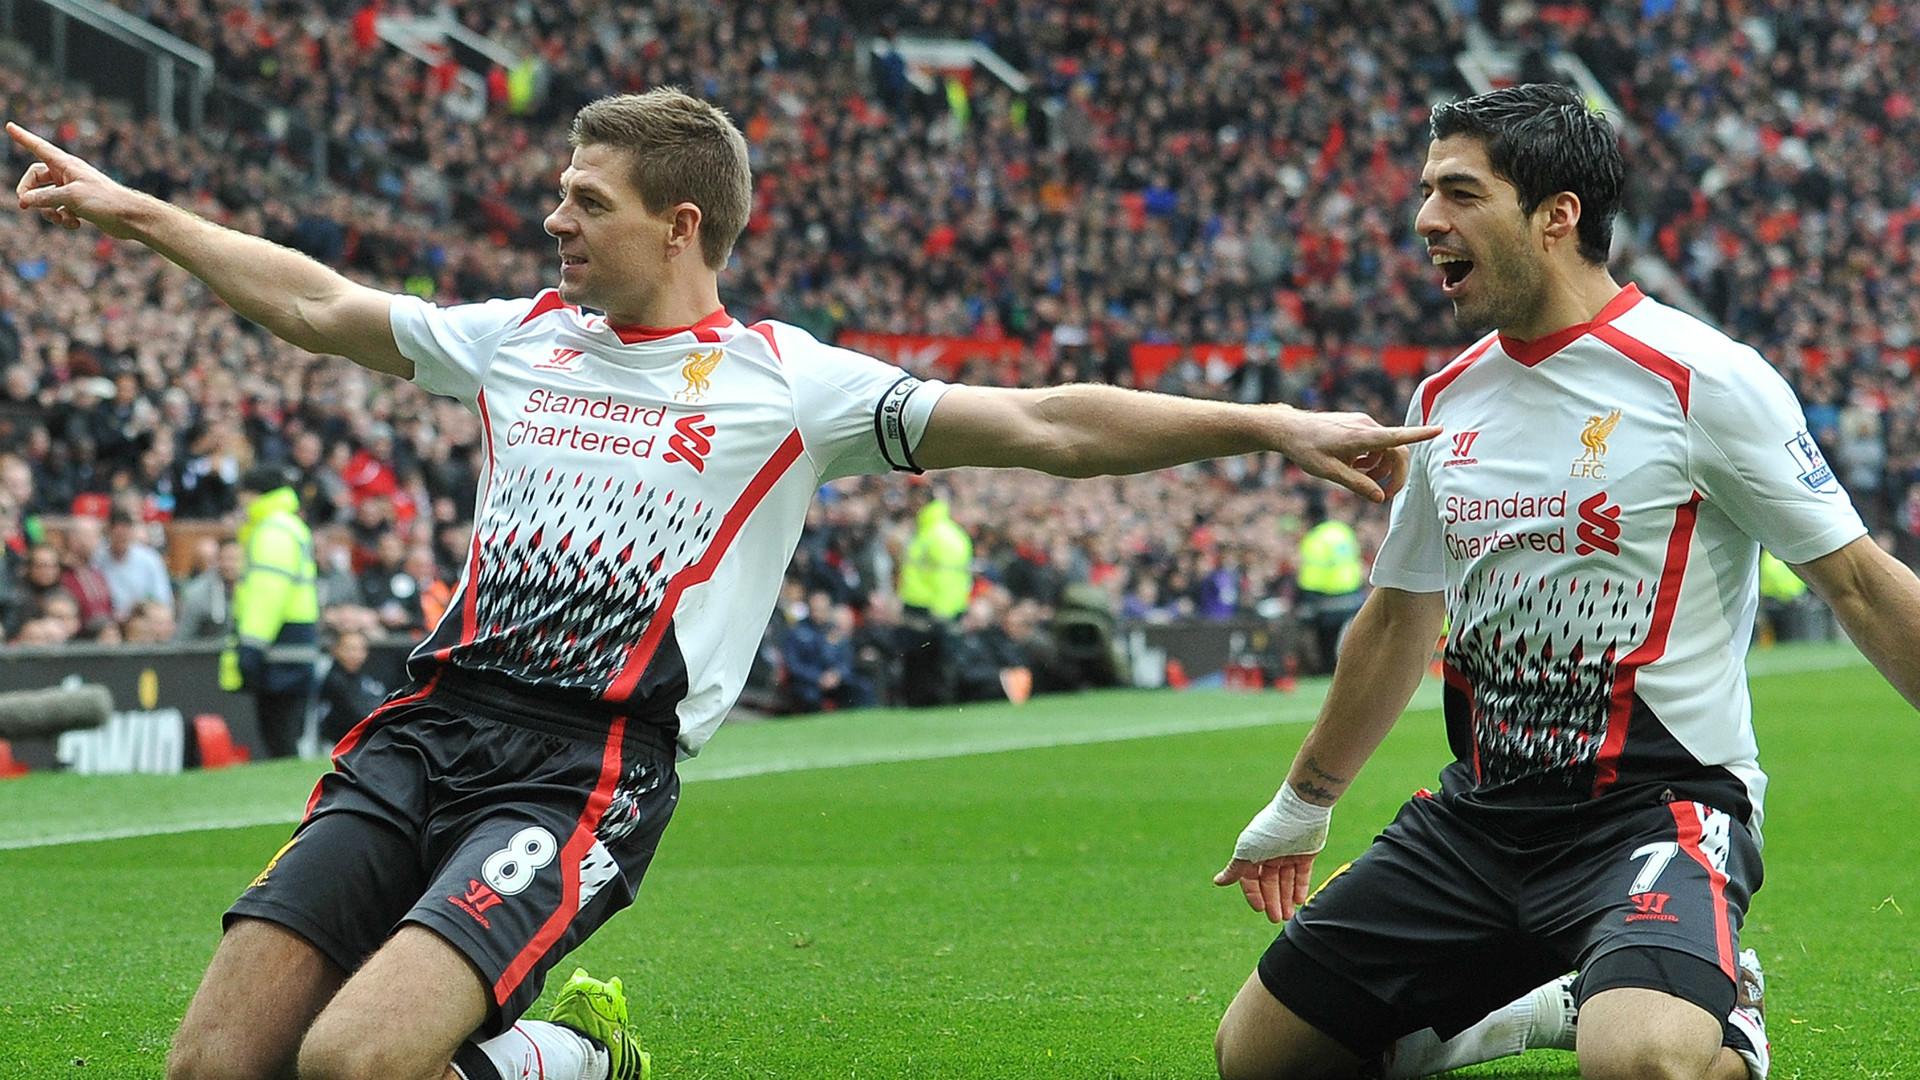 Steven Gerrard Luis Suarez Liverpool 2014